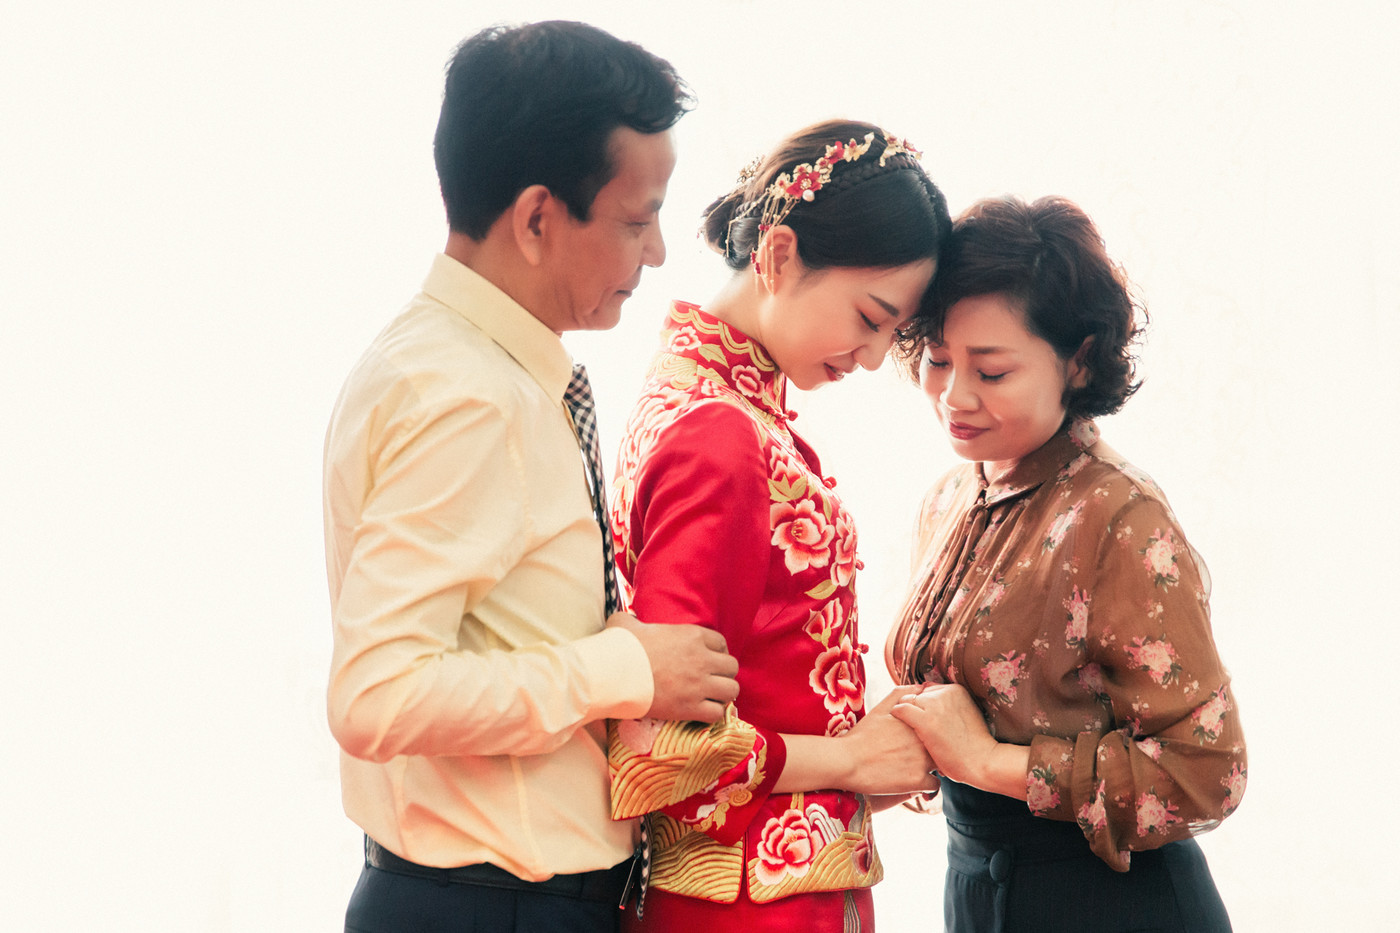 【KAI 婚礼纪实】P&S 南京婚礼14